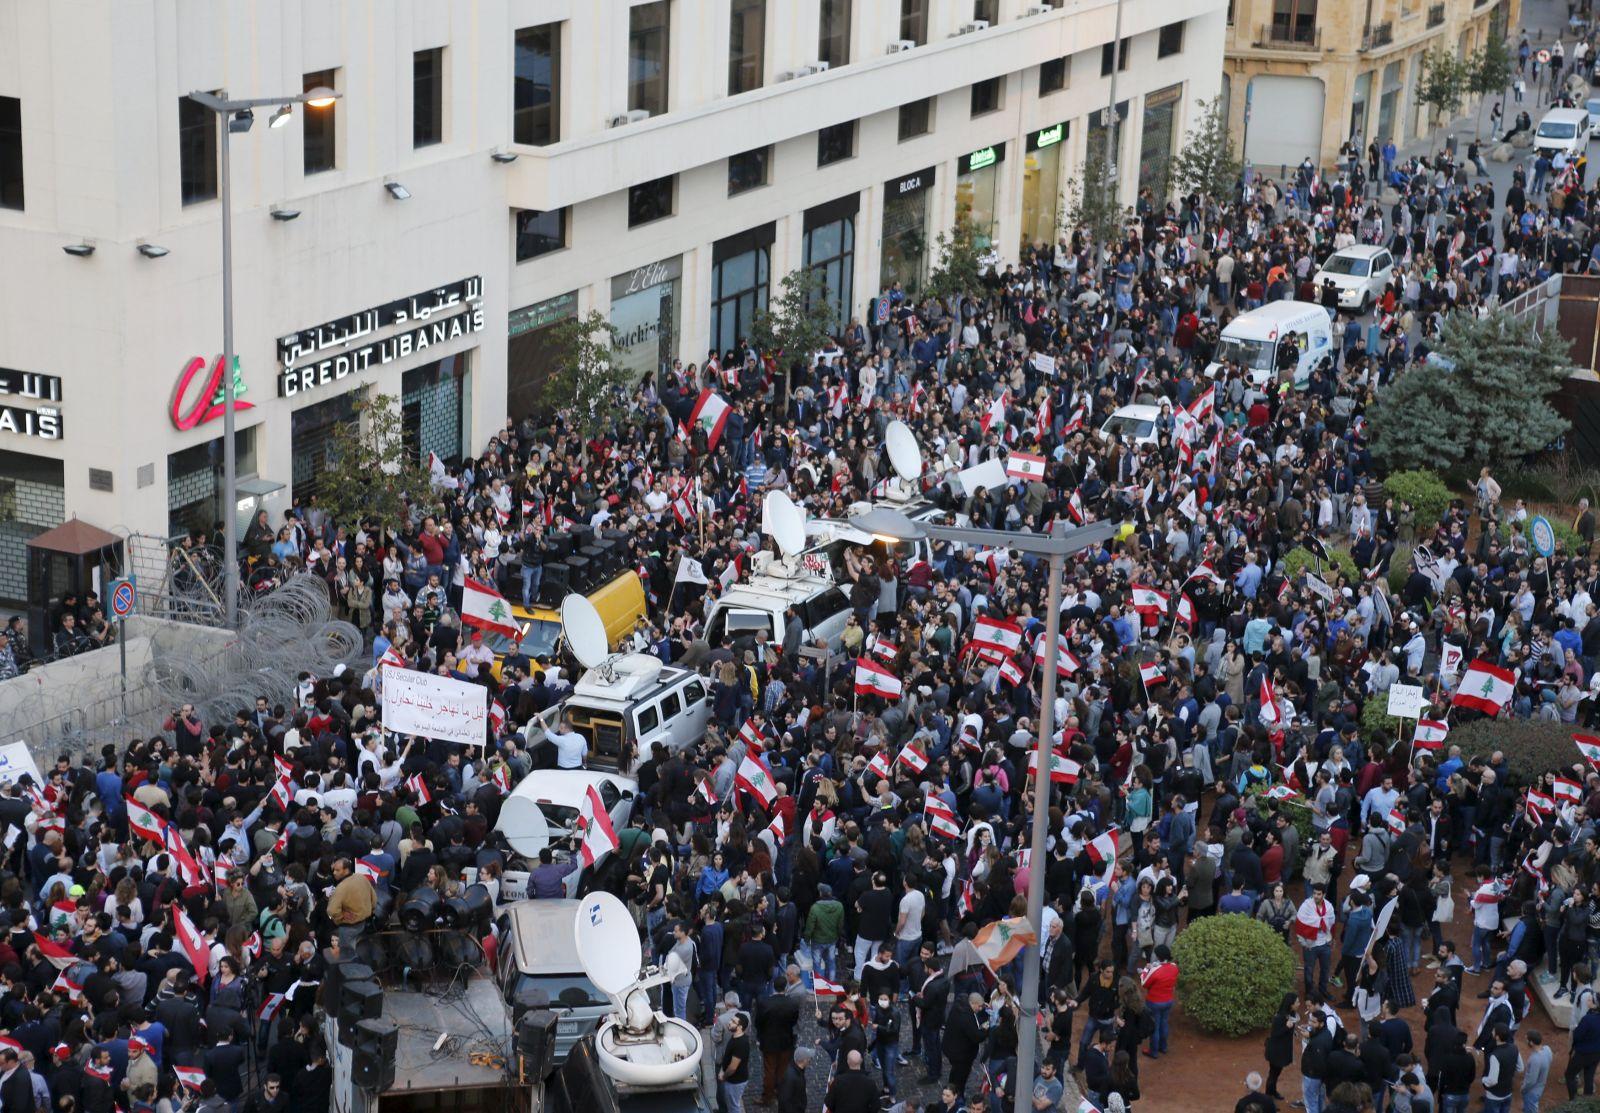 أعداد كبيرة من المتظاهرين أمام السراي الحكومي